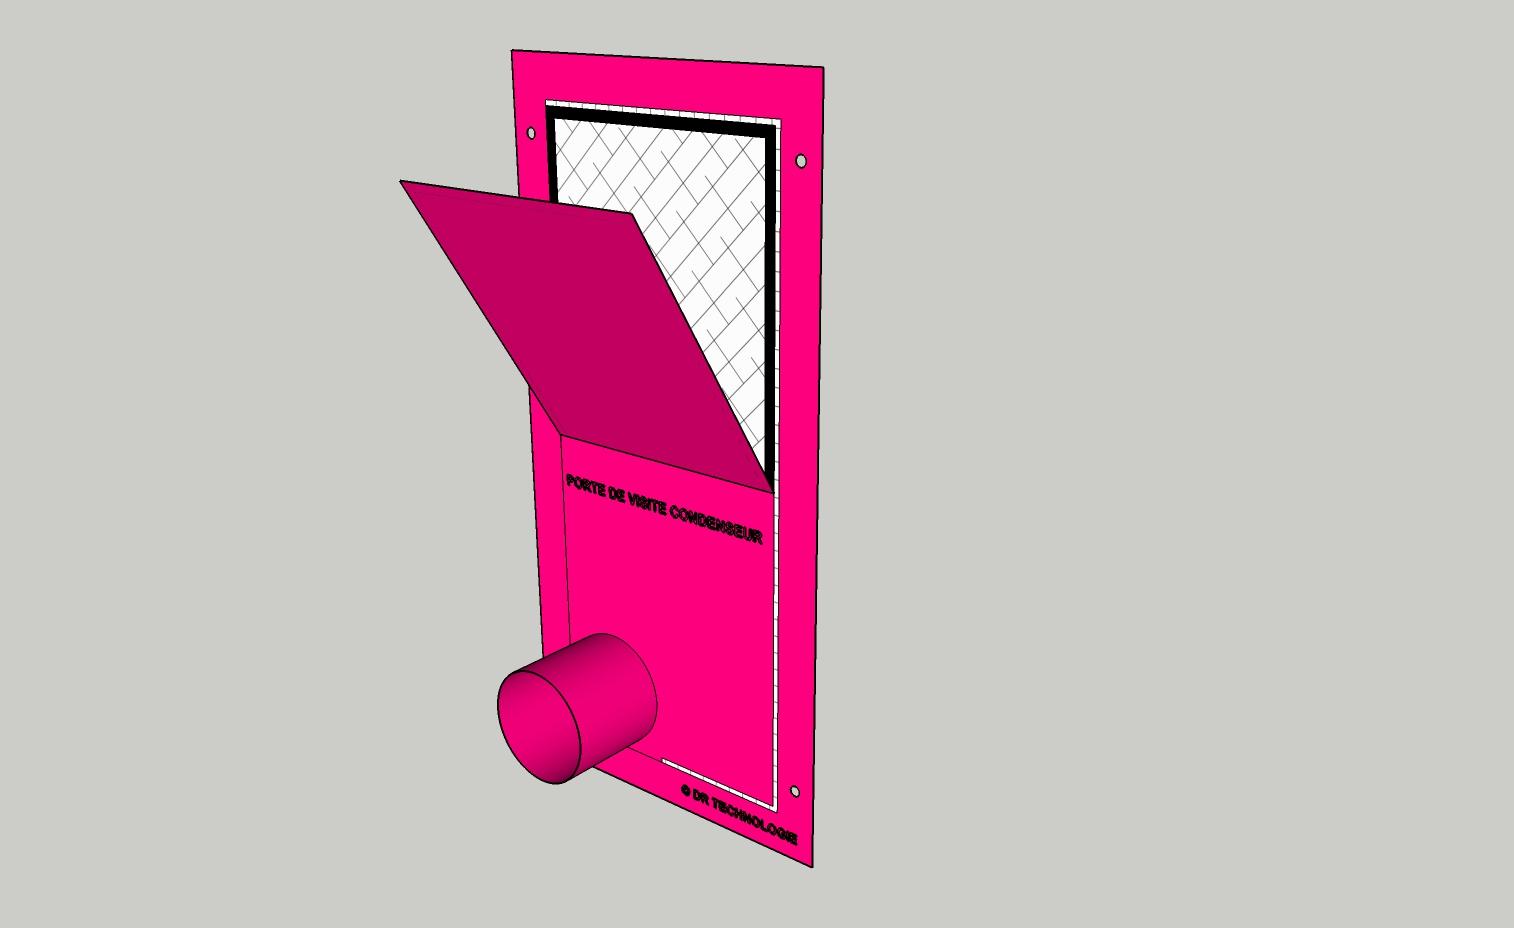 Obturateur FME Porte de visite condenseur